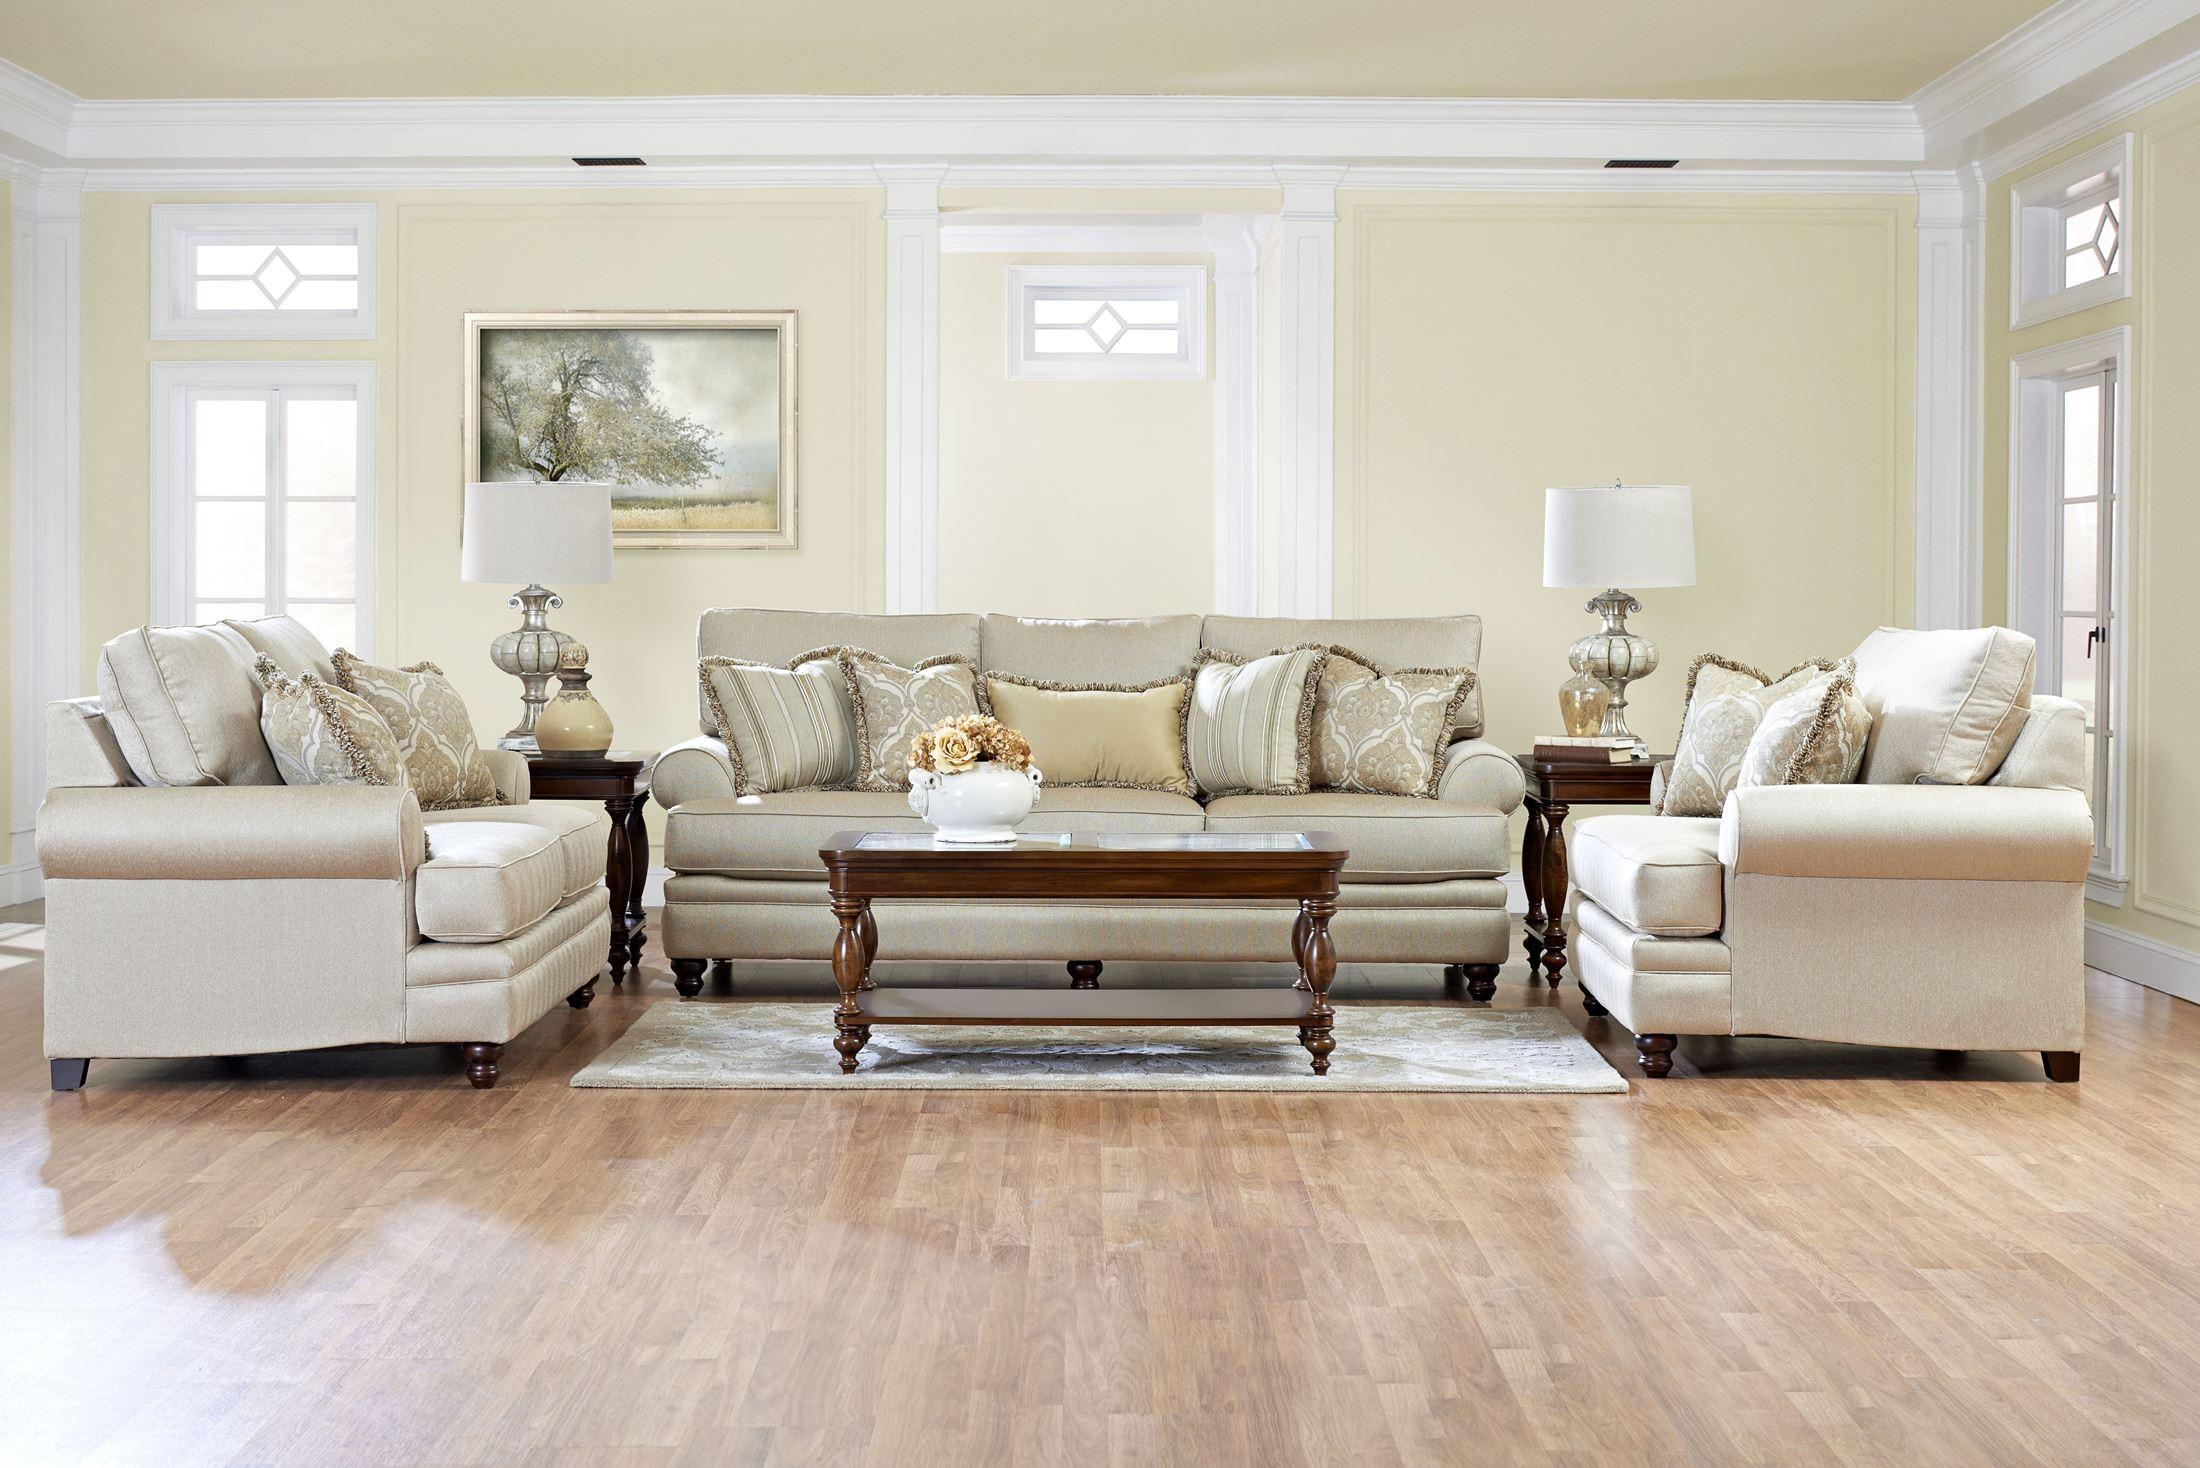 Darcy living room set k33230f room klaussner furniture